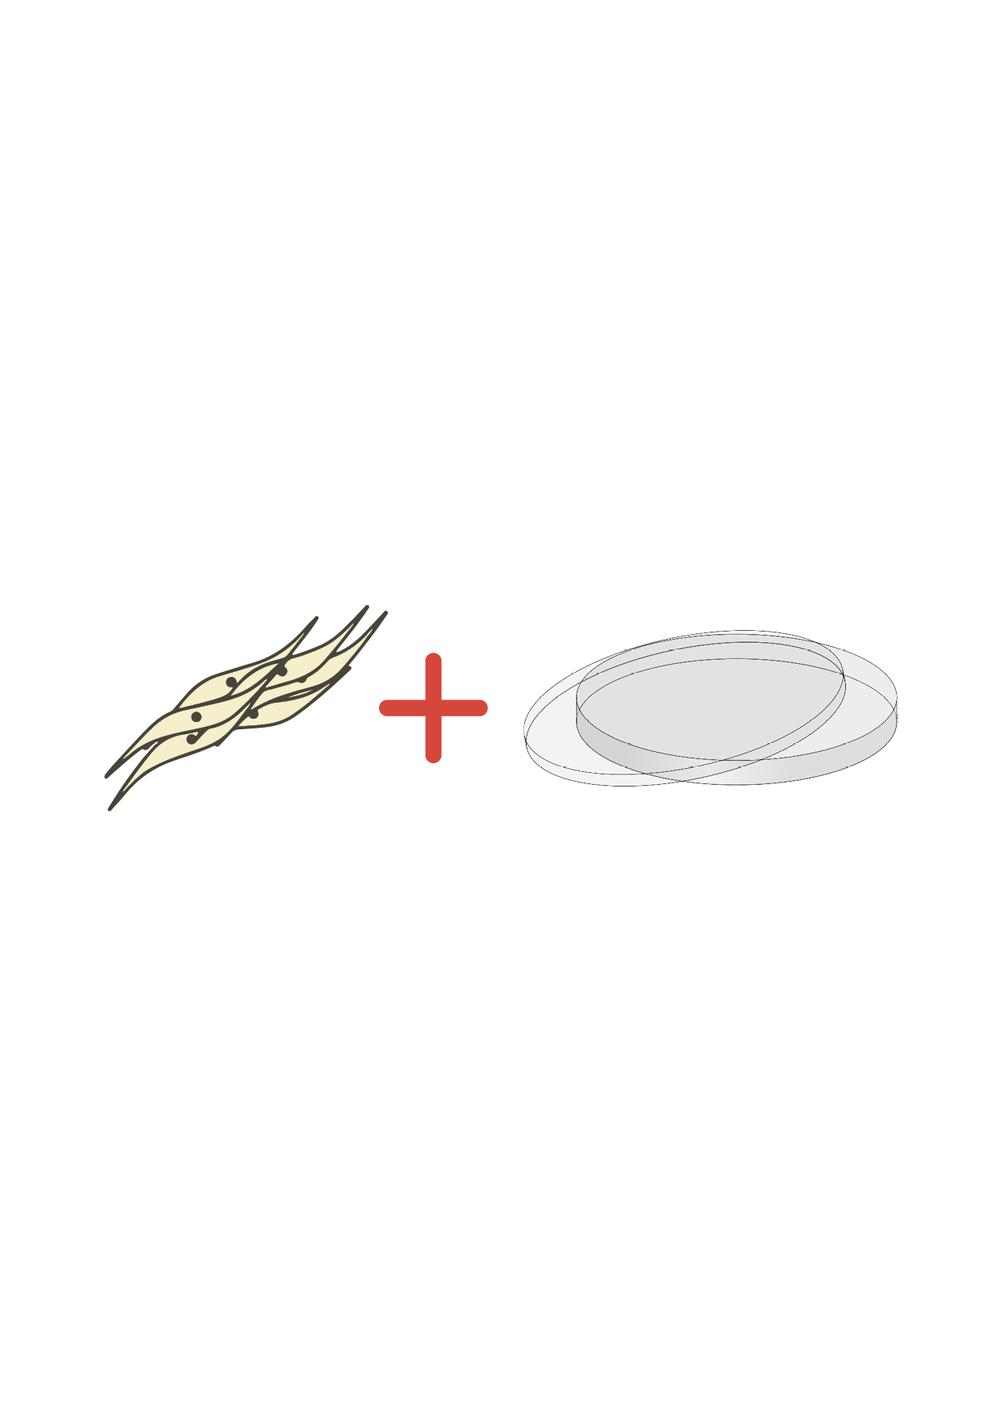 Afin de créer le logo, l'utilisation de deux symboles reliés à la recherche est additionnée. Le premier étant une schématisation cellulaire d'une grappe en stellate (cellule mammaire saine) et le second est associé directement à la recherche scientifique (la boite de pétri dans lequel les cultures organiques sont entreposées afin de procéder aux divers tests nécessaires).